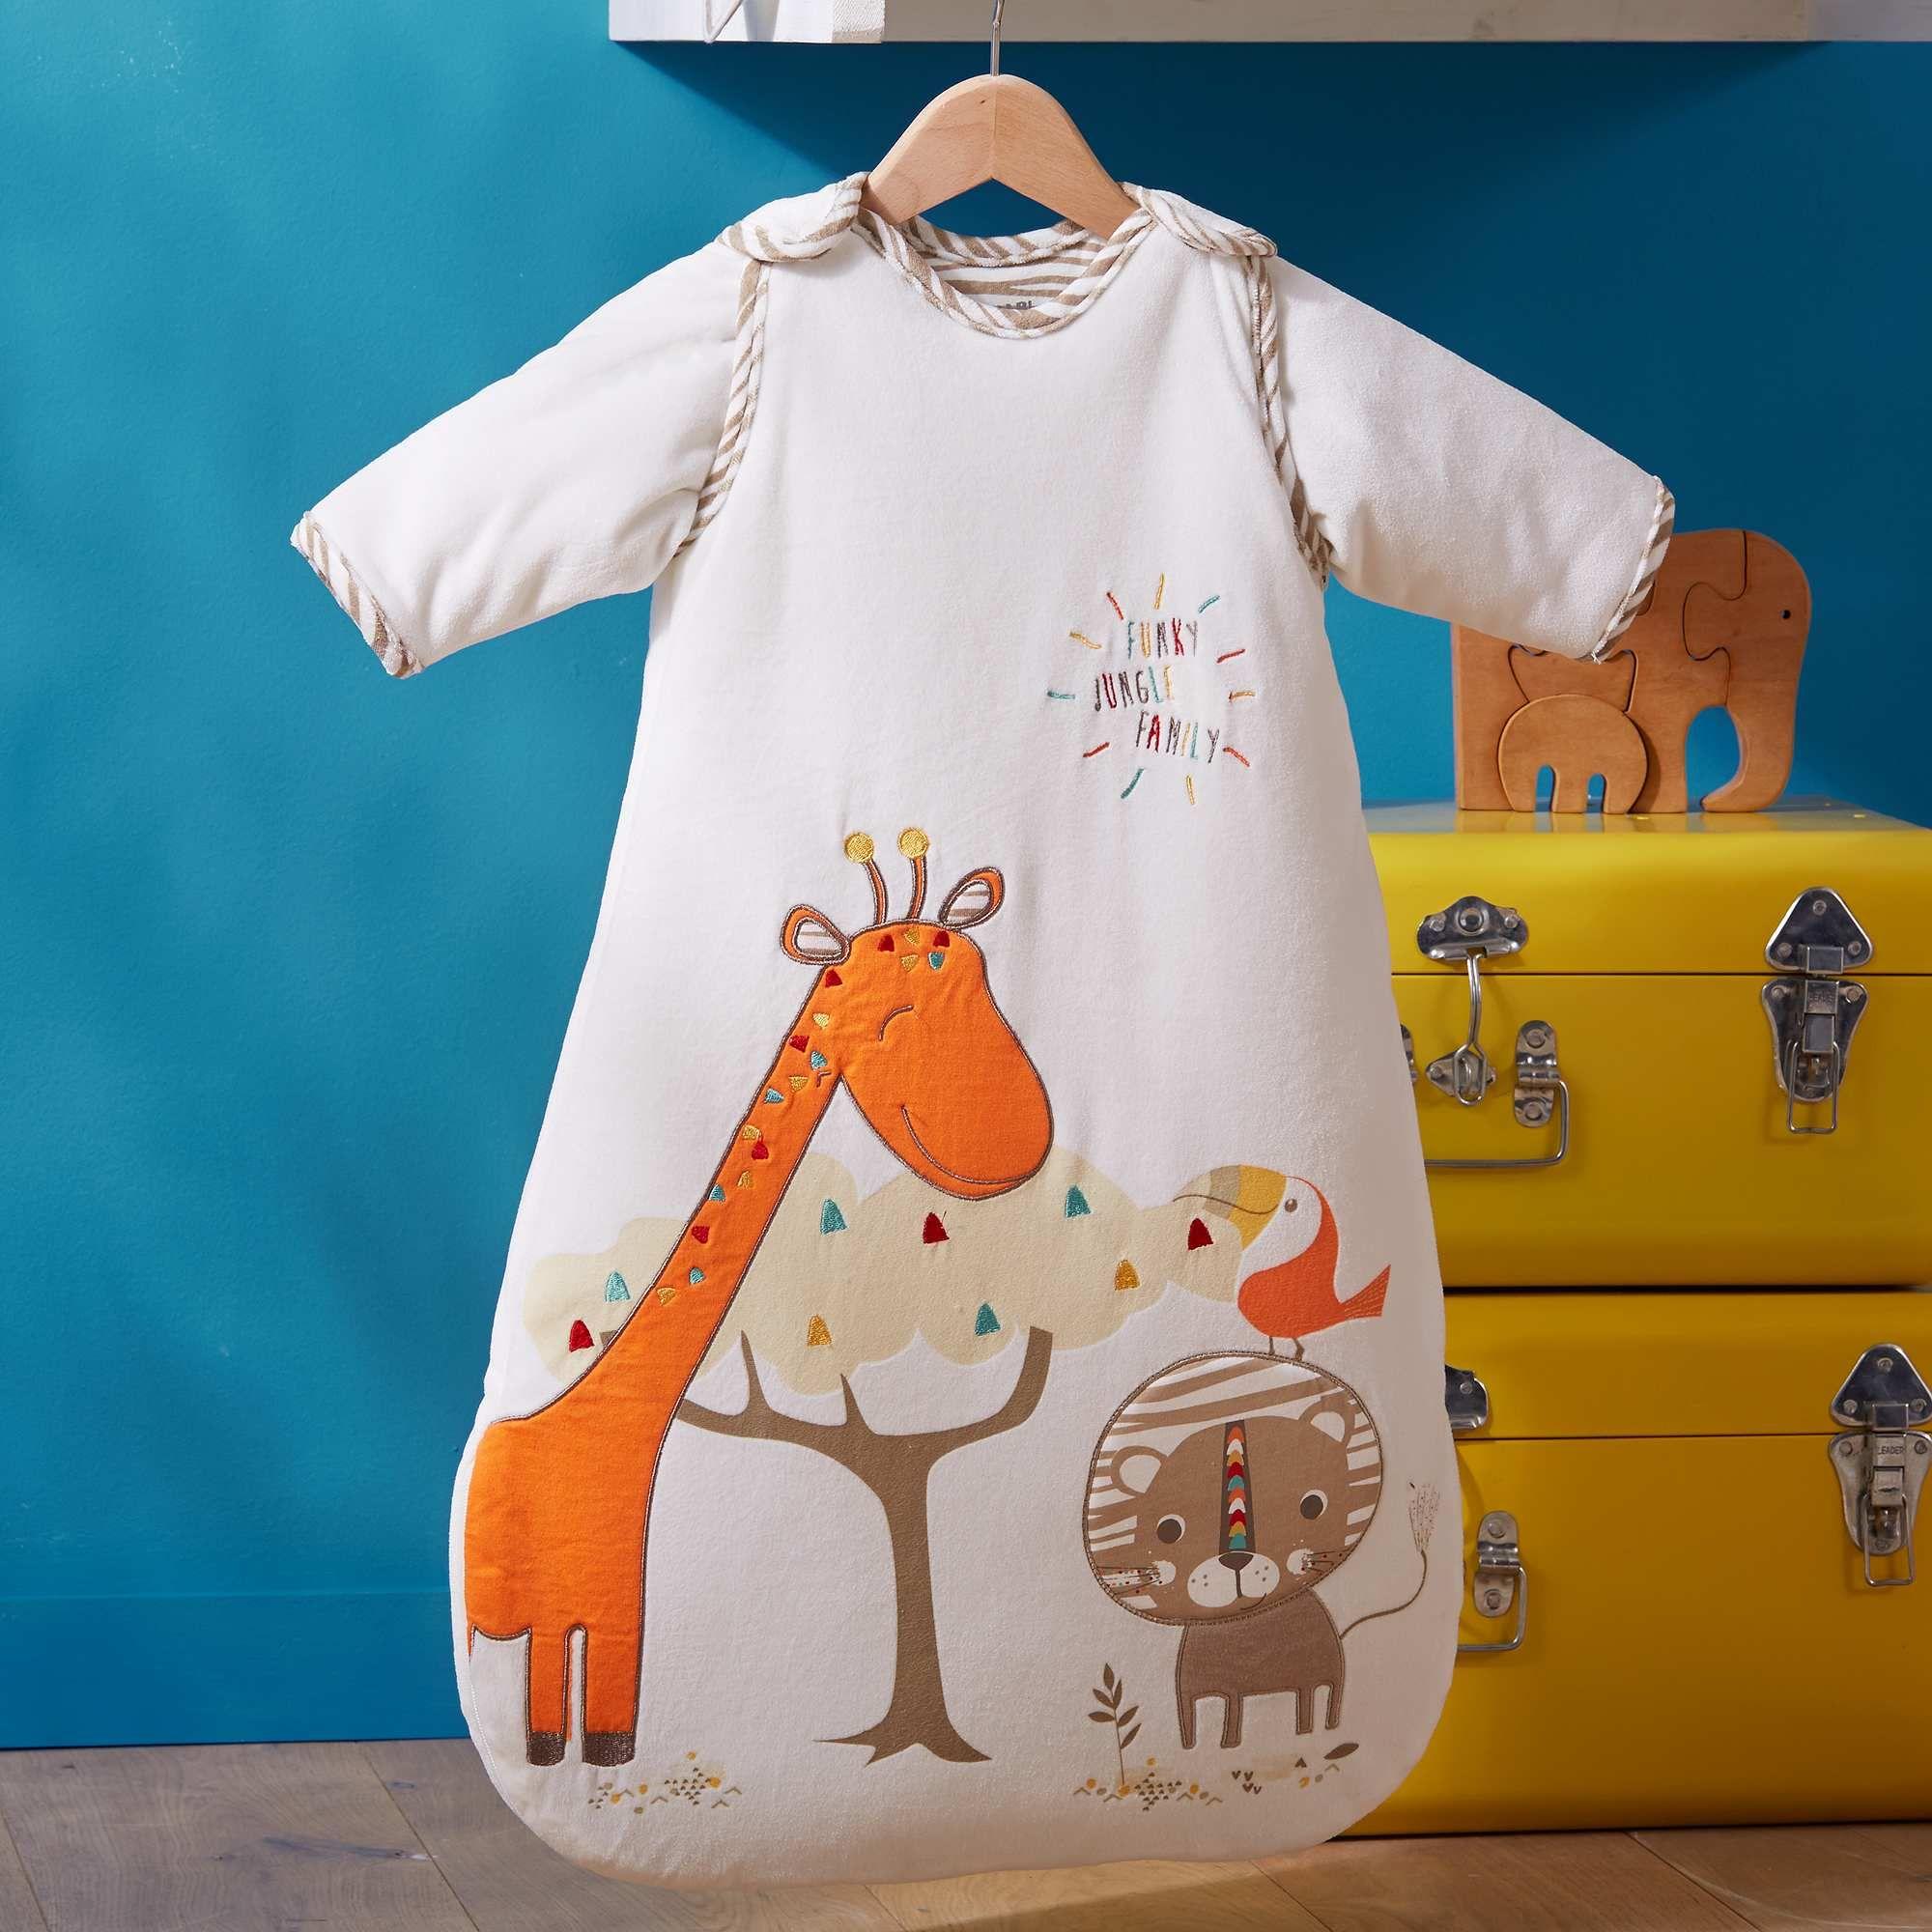 Este saco de dormir con mangas extraíbles es super práctico y bonito para  todo el año. Es de Kiabi.  saco  dormir  bebés  regalo  idea  ropa  kiabi 420f0612d4e